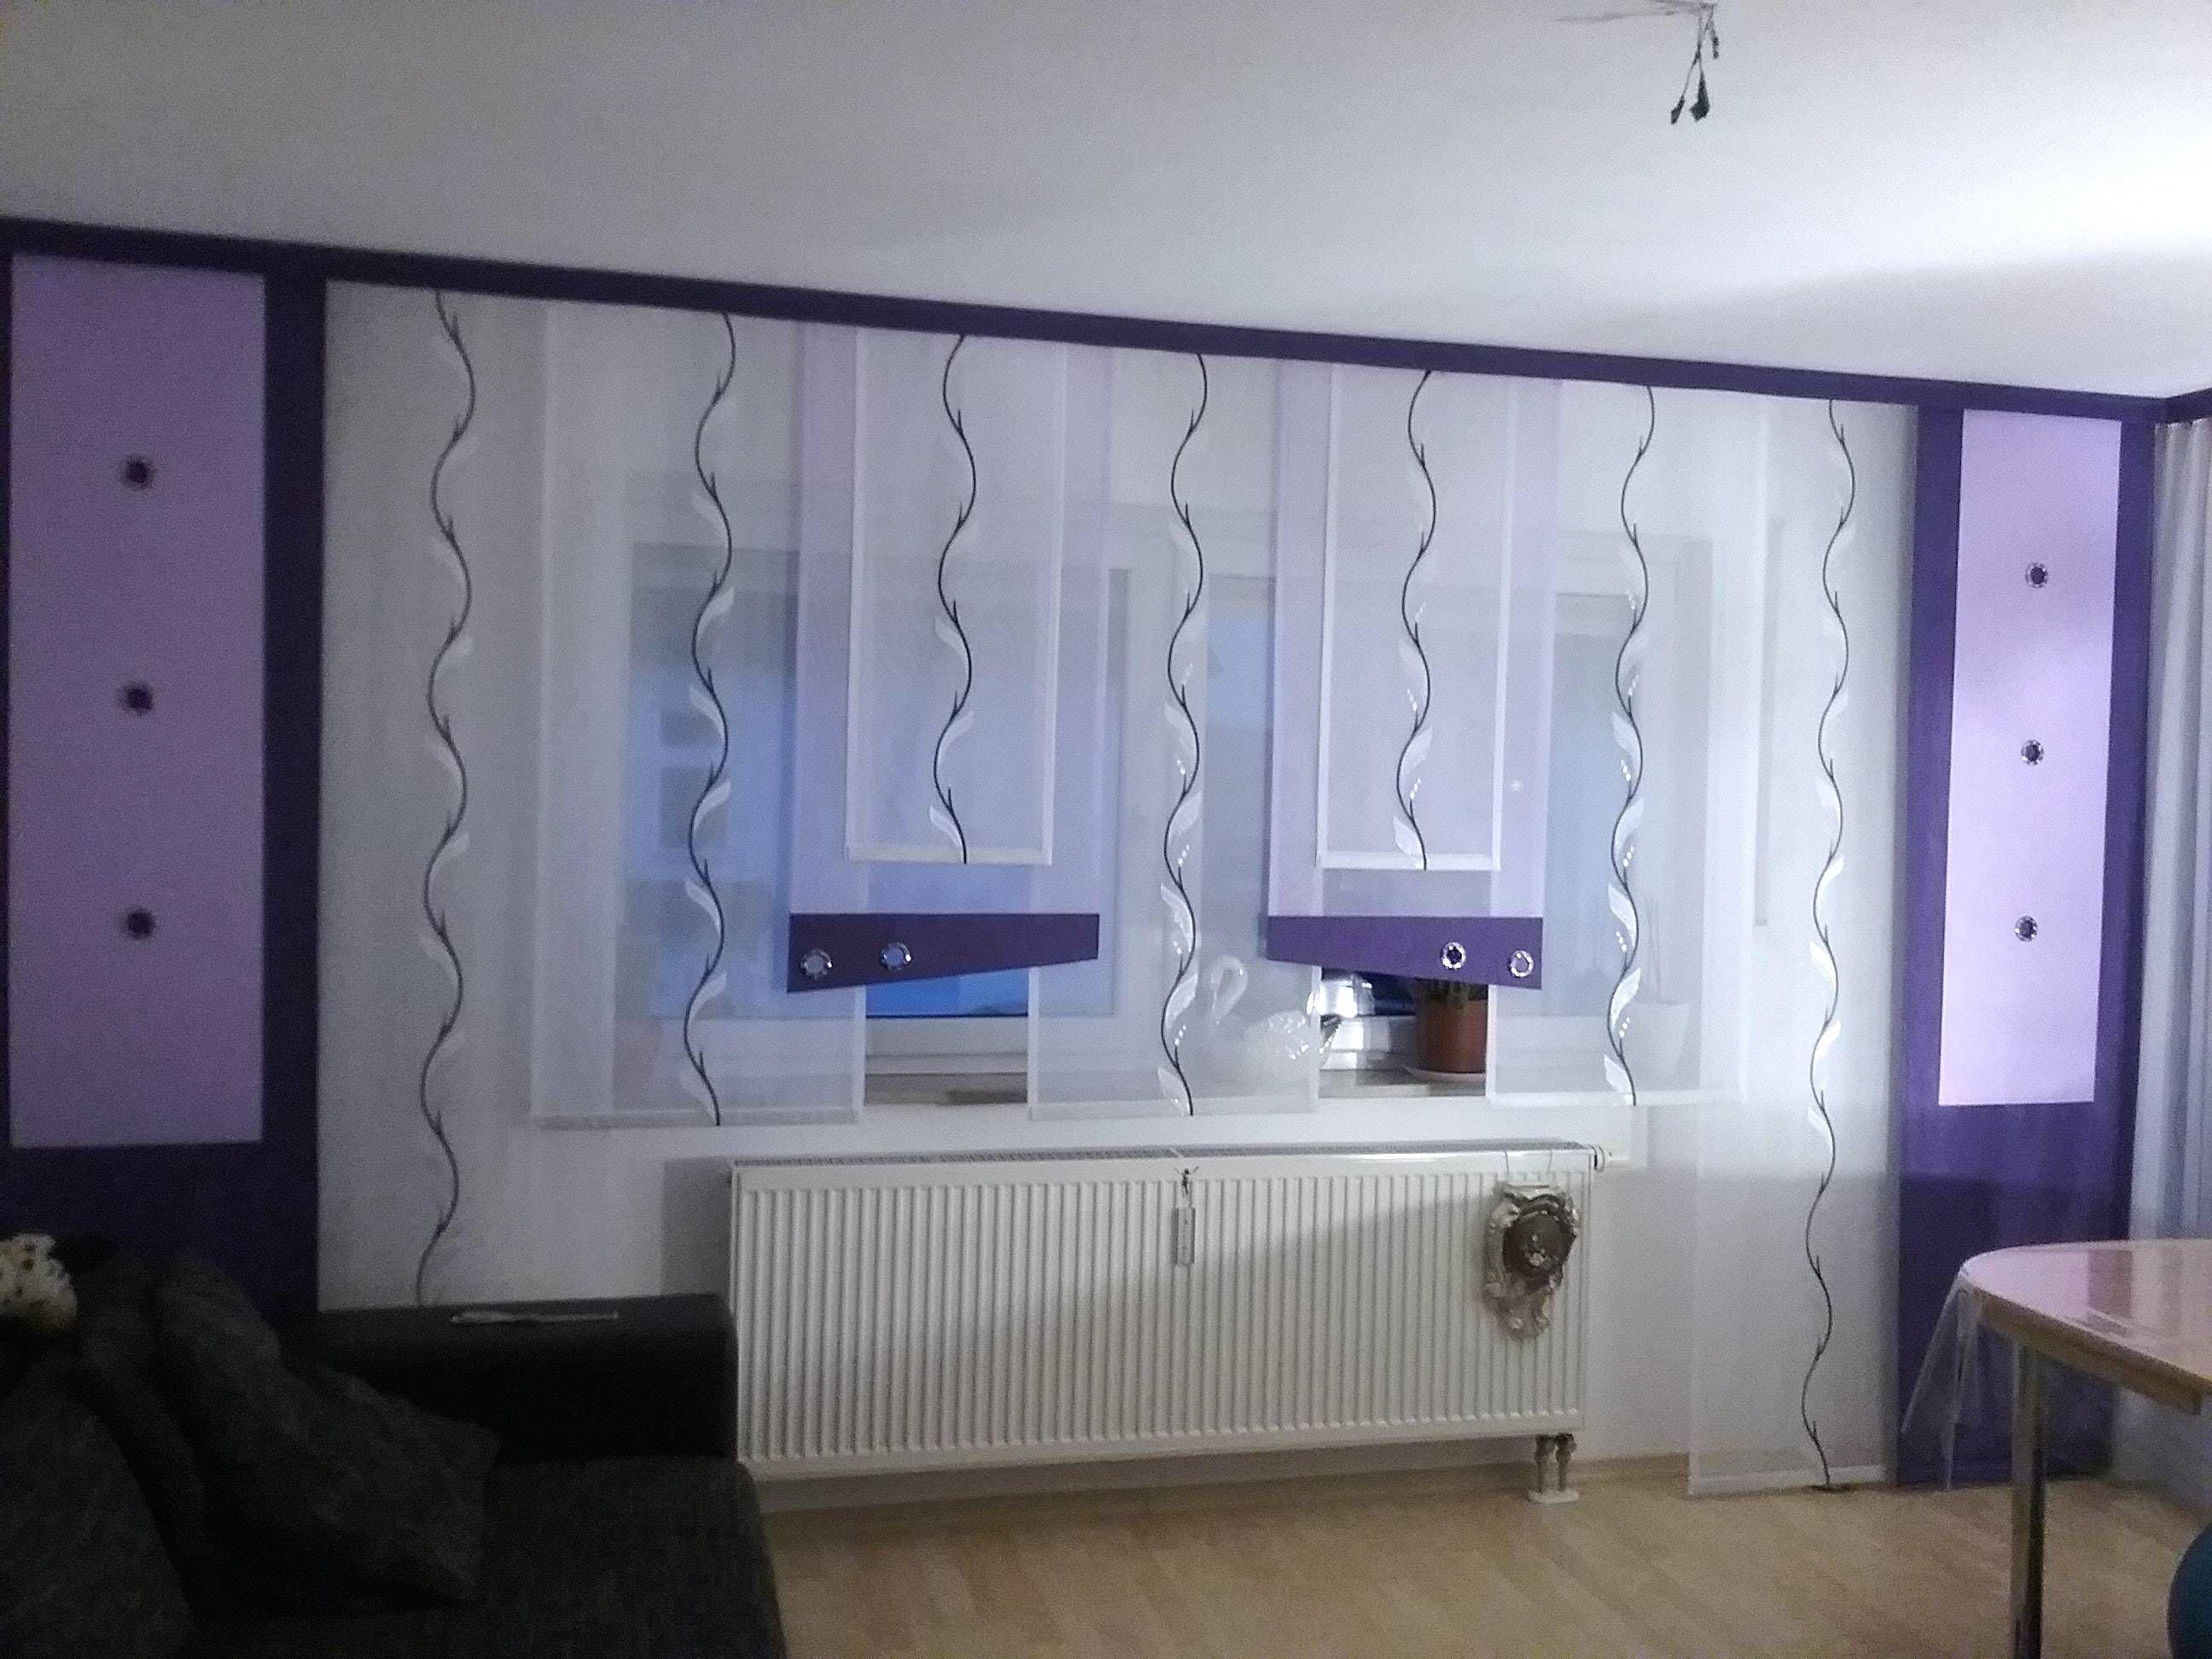 Gardinen Wohnzimmer Katalog Country Style Living Room Curtains Living Room Country Style Curtains